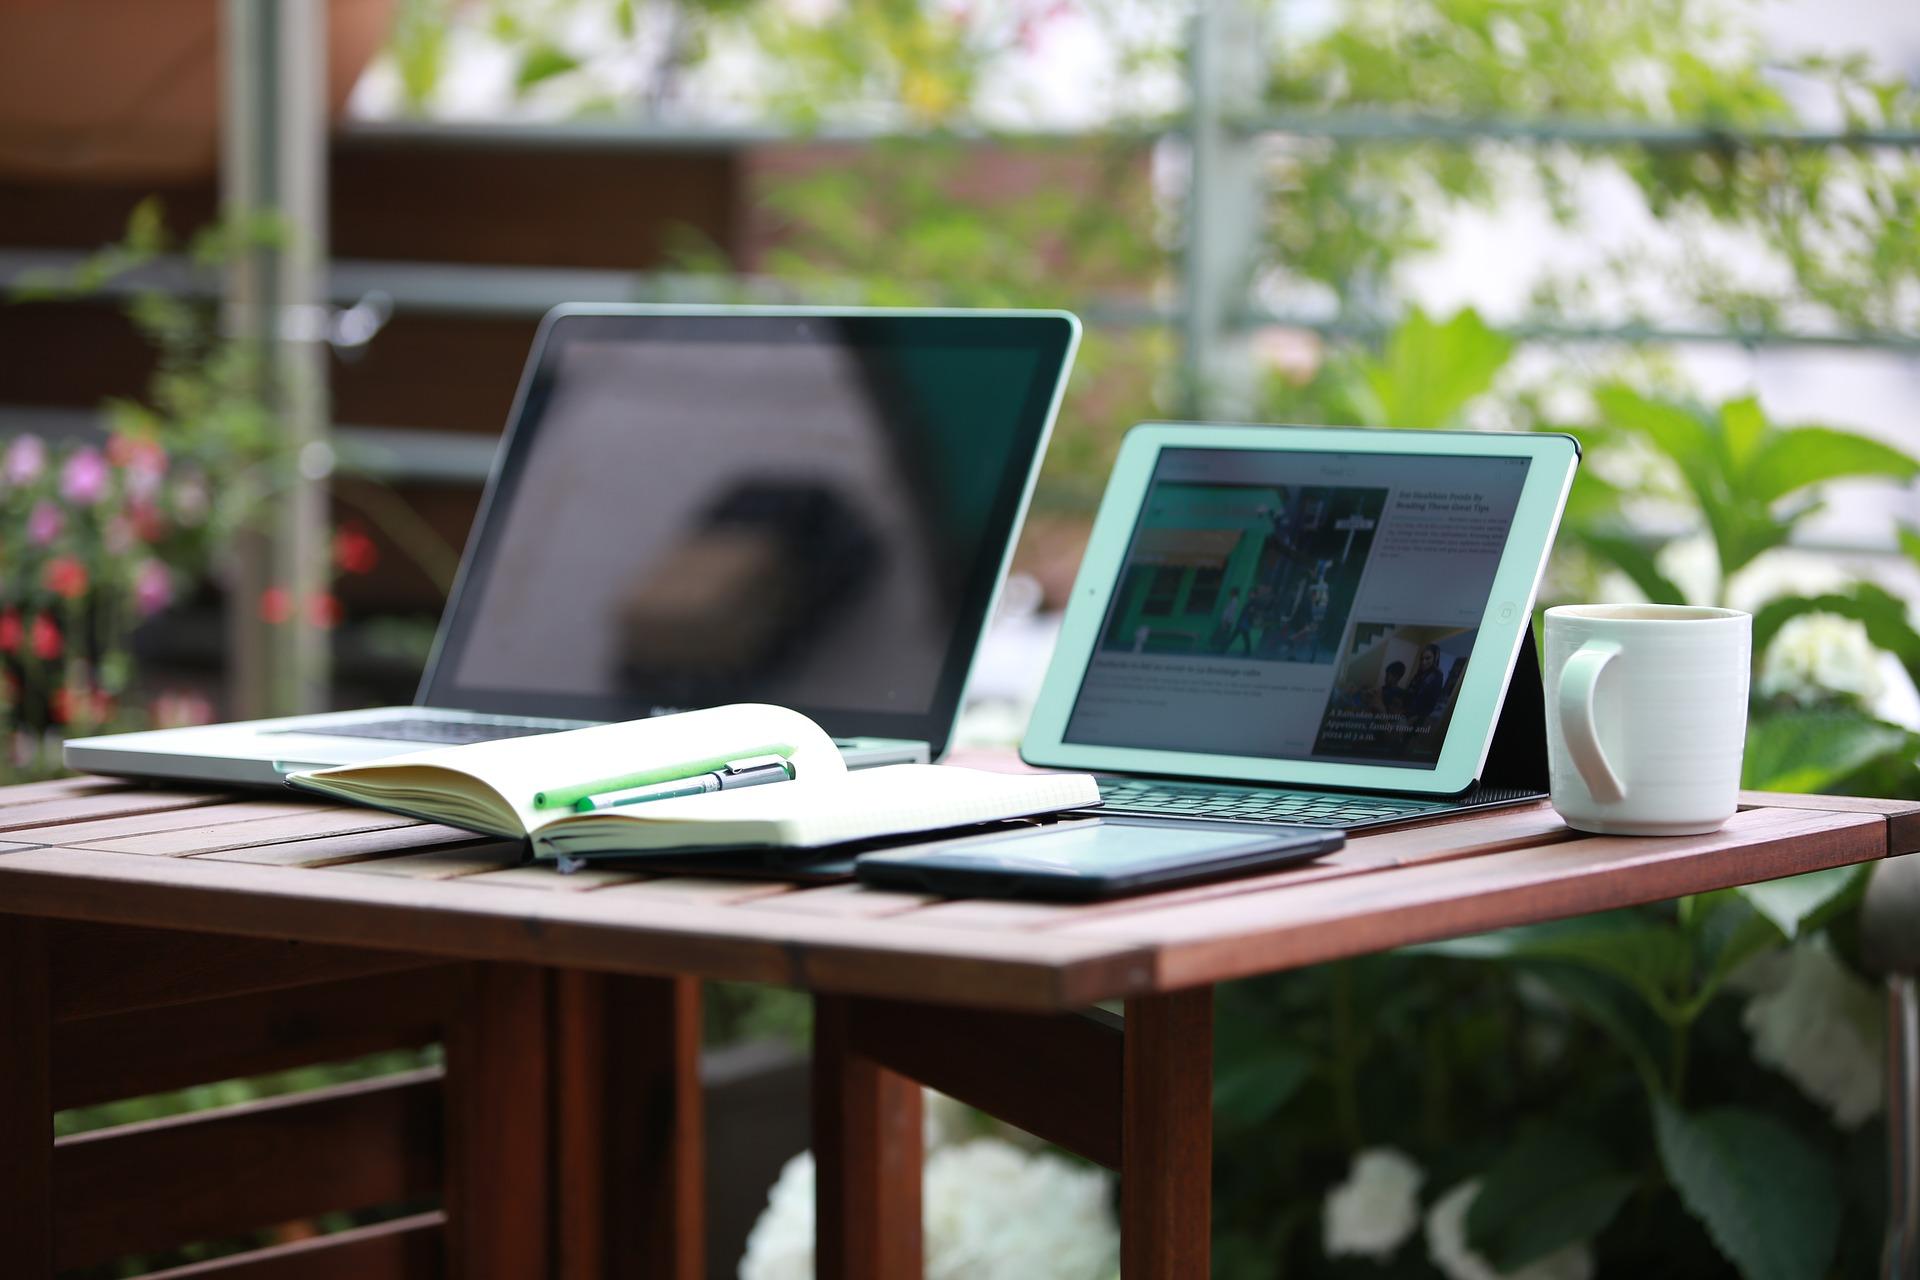 Из-за вспышки коронавируса вырос спрос на корпоративные ноутбуки